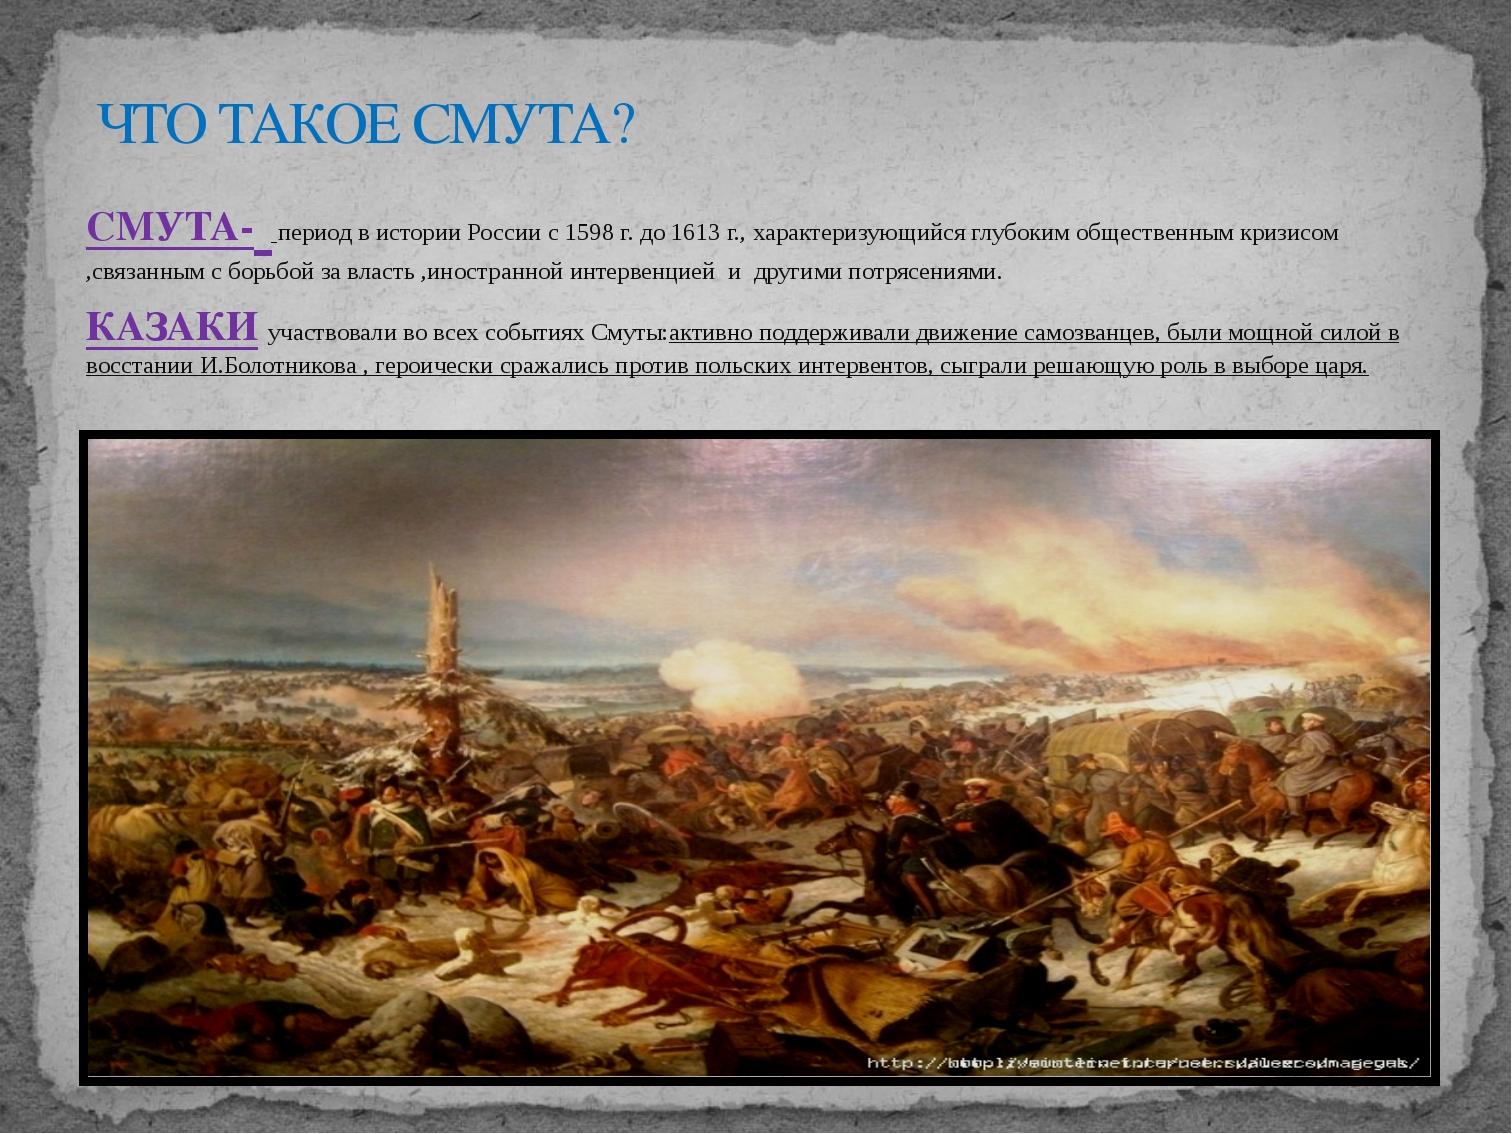 СМУТА- период в истории России с 1598 г. до 1613 г., характеризующийся глубок...